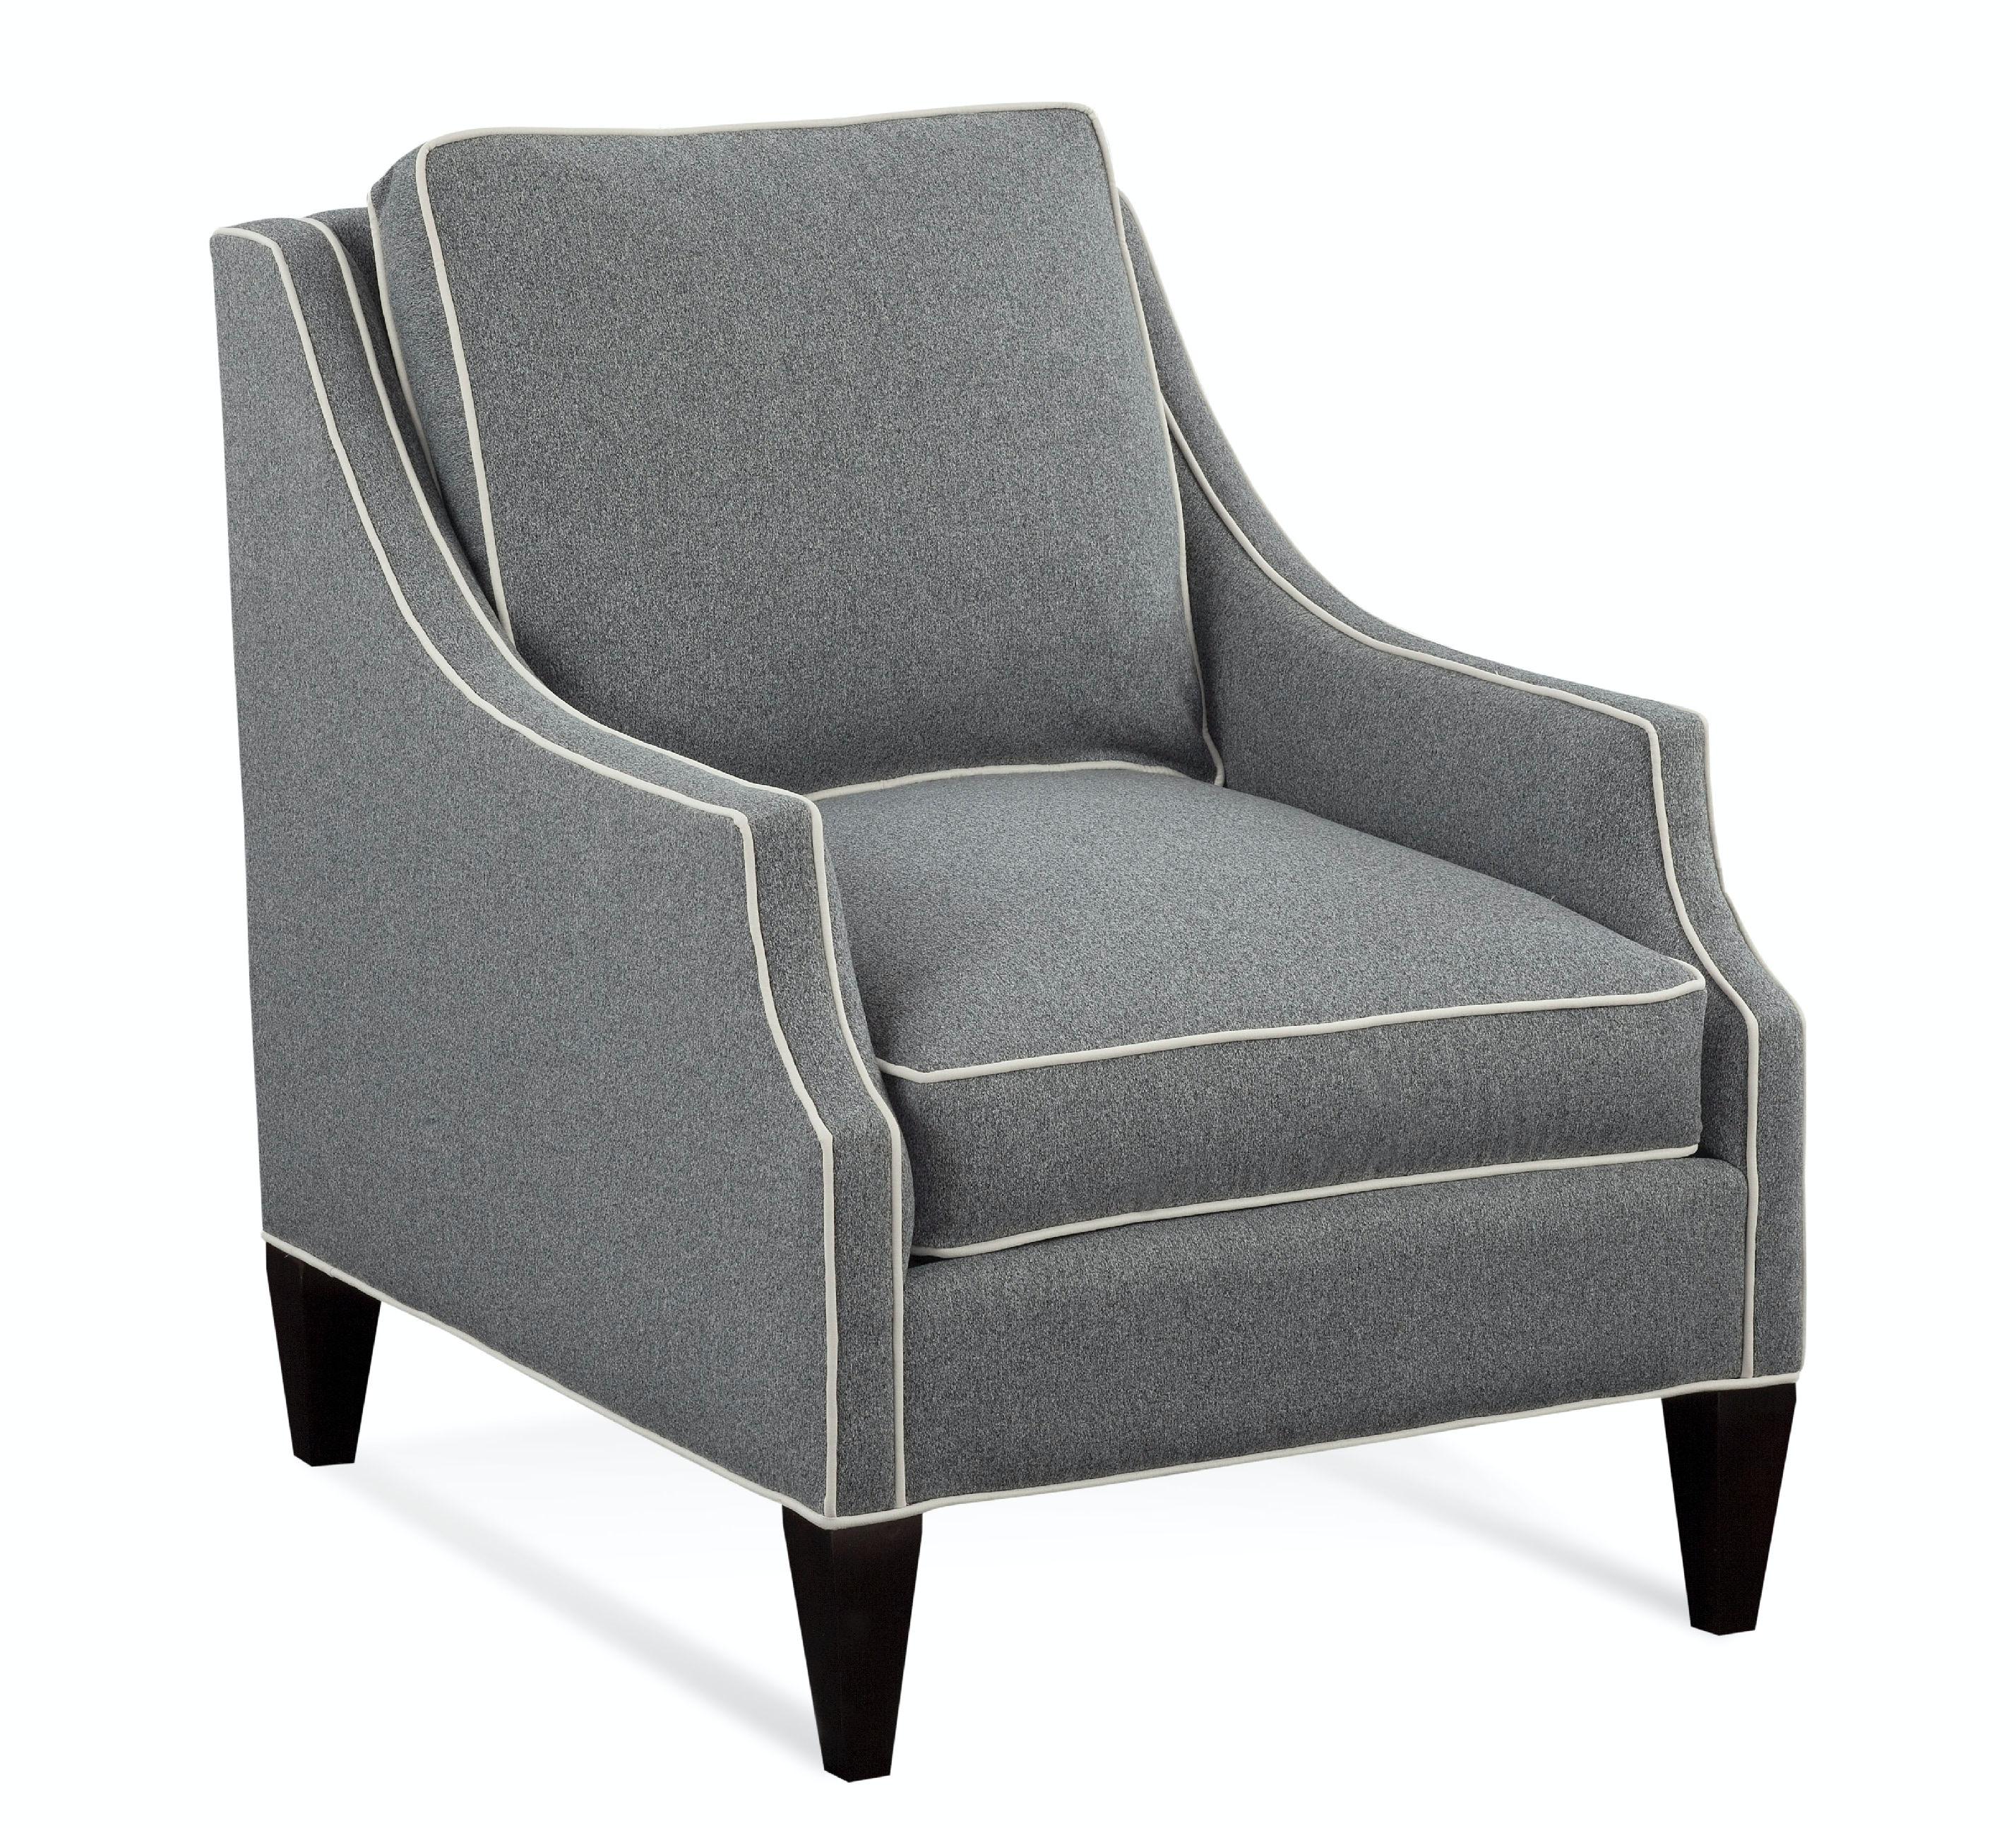 Daniels Chair 5741-001